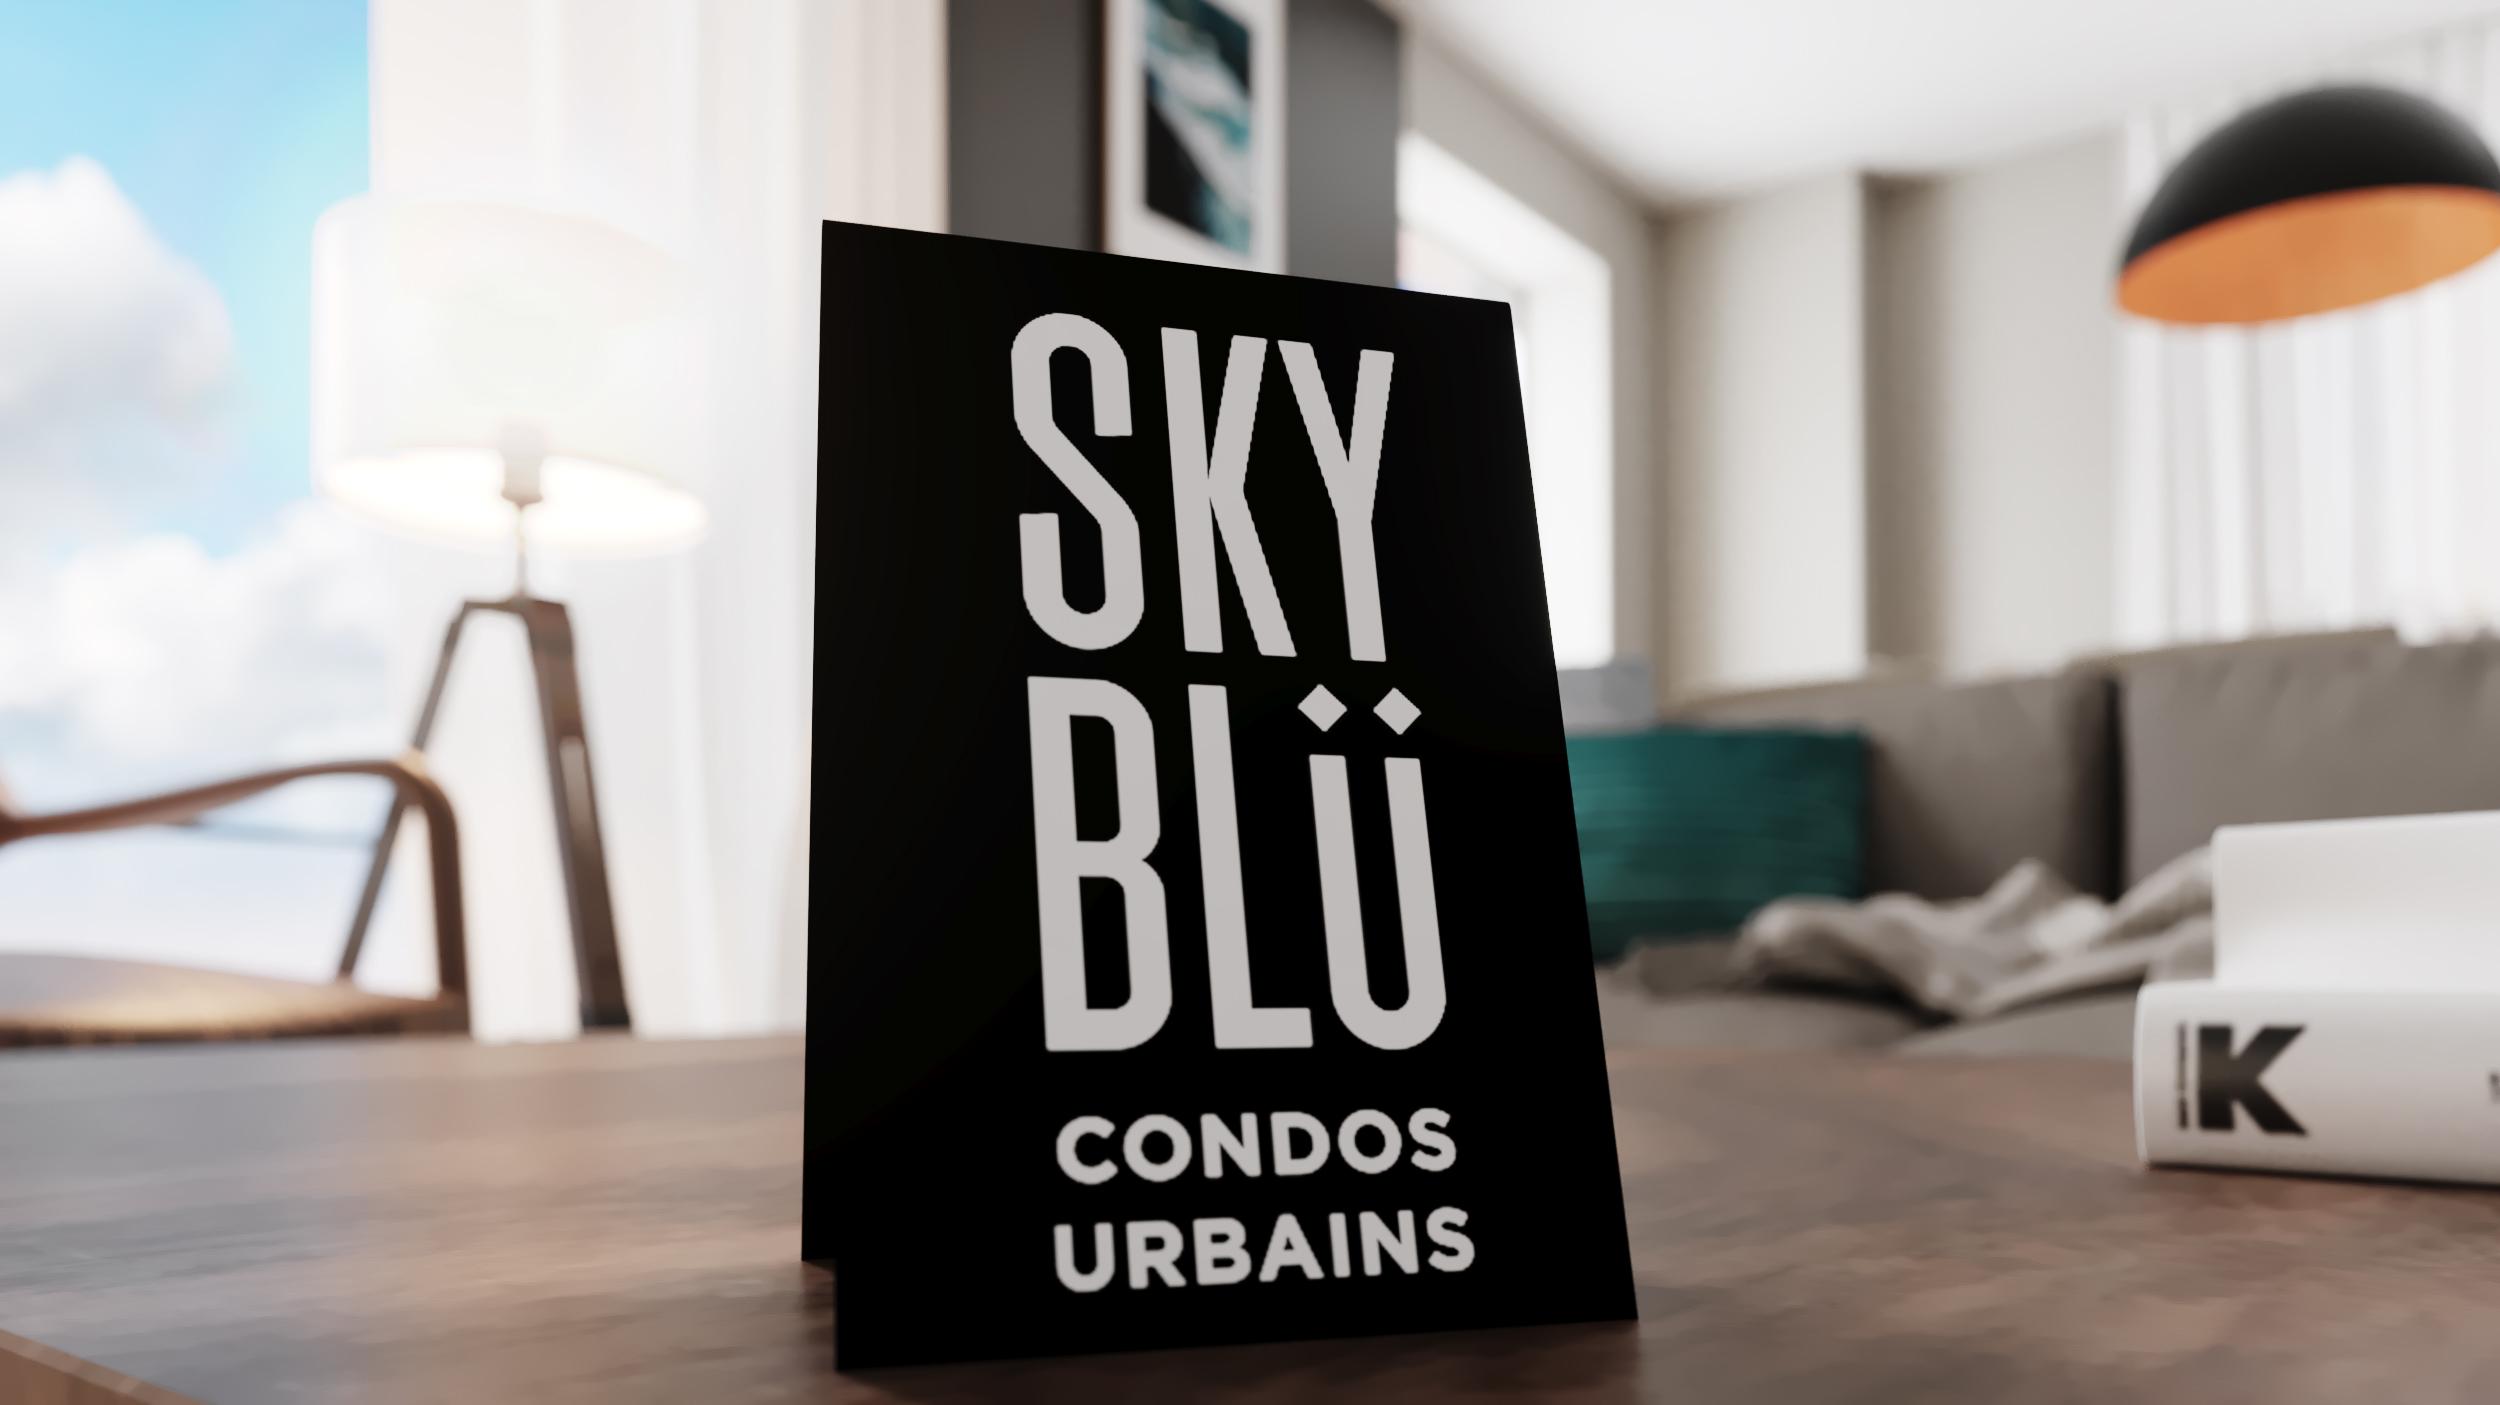 Skyblu vue 4  rustique